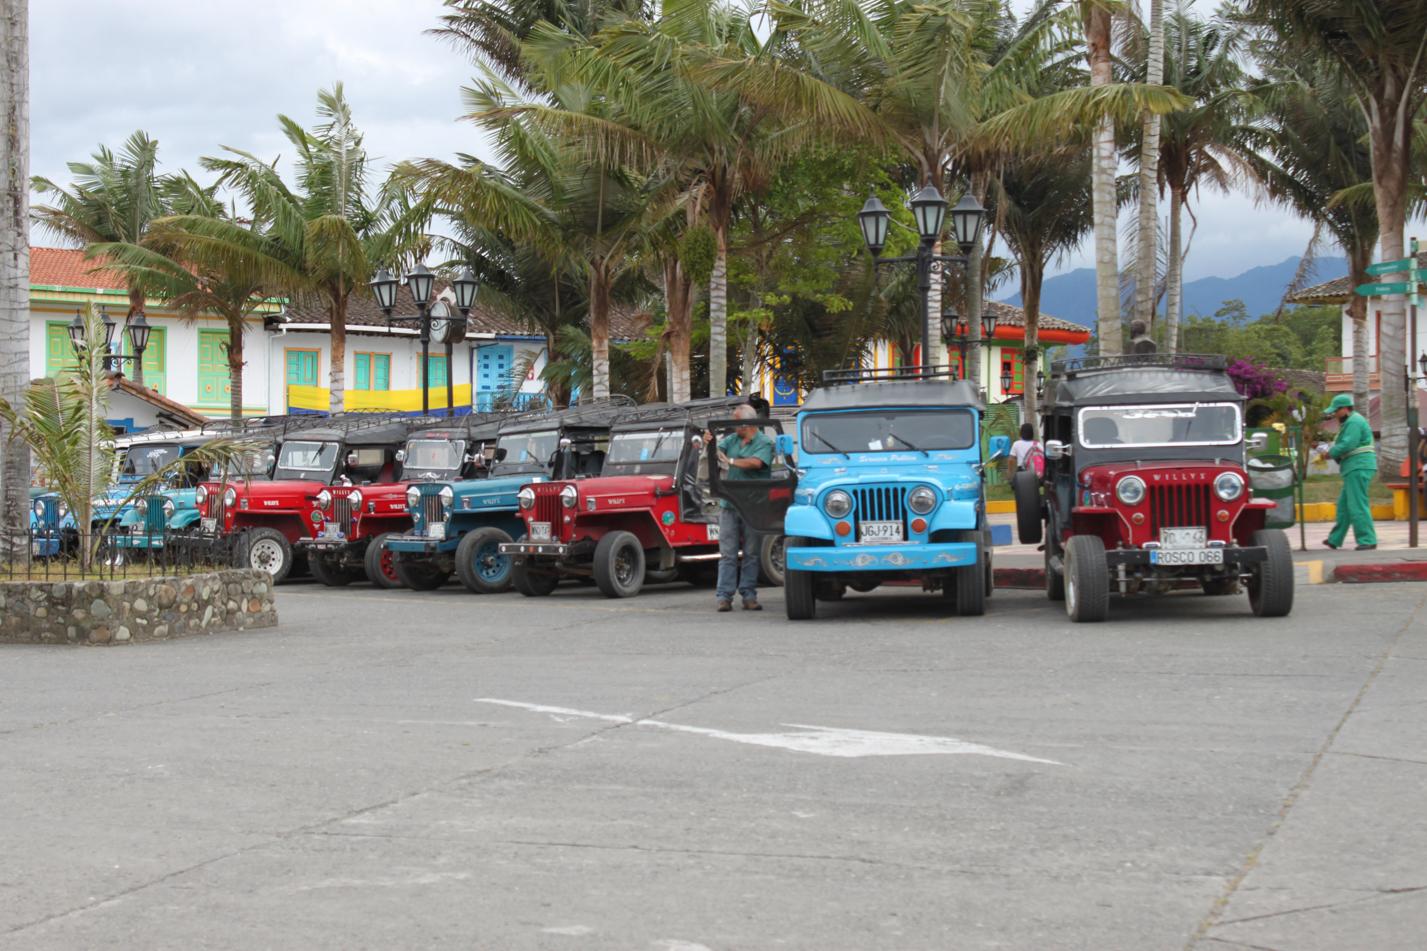 Die Jeeps, hier auch Willys genannt, sind DAS Transportmittel hier in den Bergen. Bis zu 10 Personen haben Platz in und an diesen Gefährten.